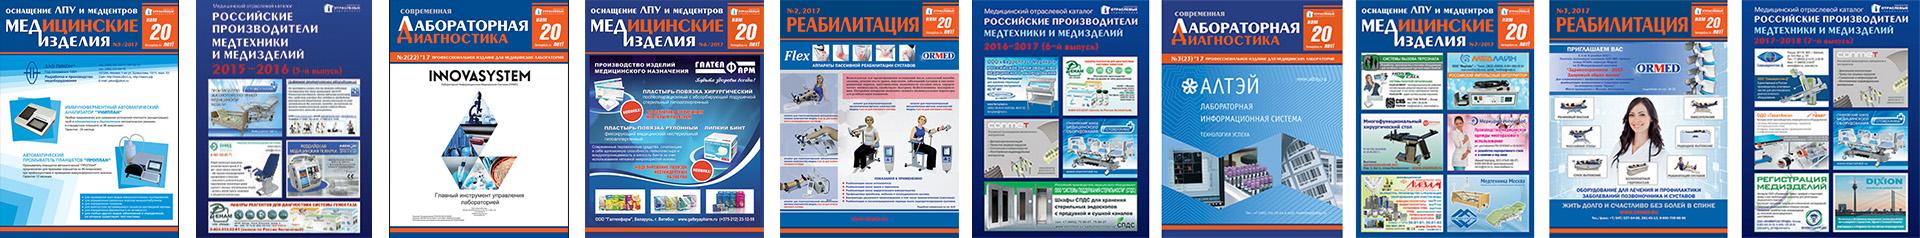 Наши печатные и электронные издания по медицинской технике.